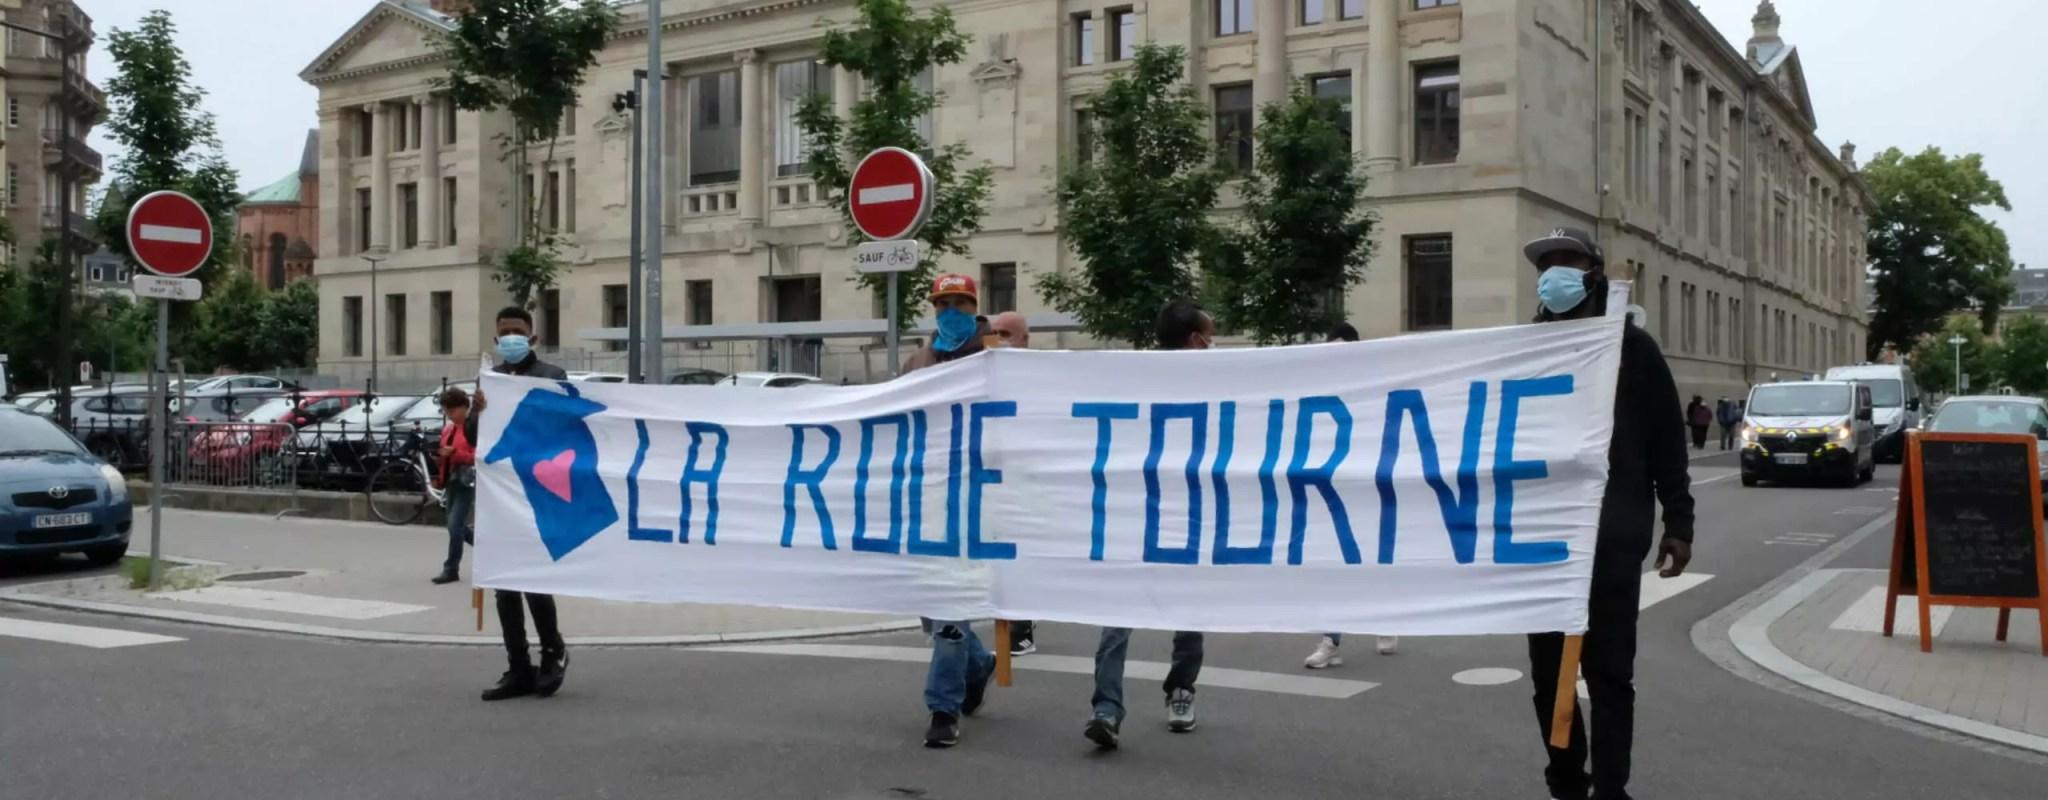 Hôtel de la rue: la Ville de Strasbourg demande une expulsion sans délai et 3000 euros au gérant